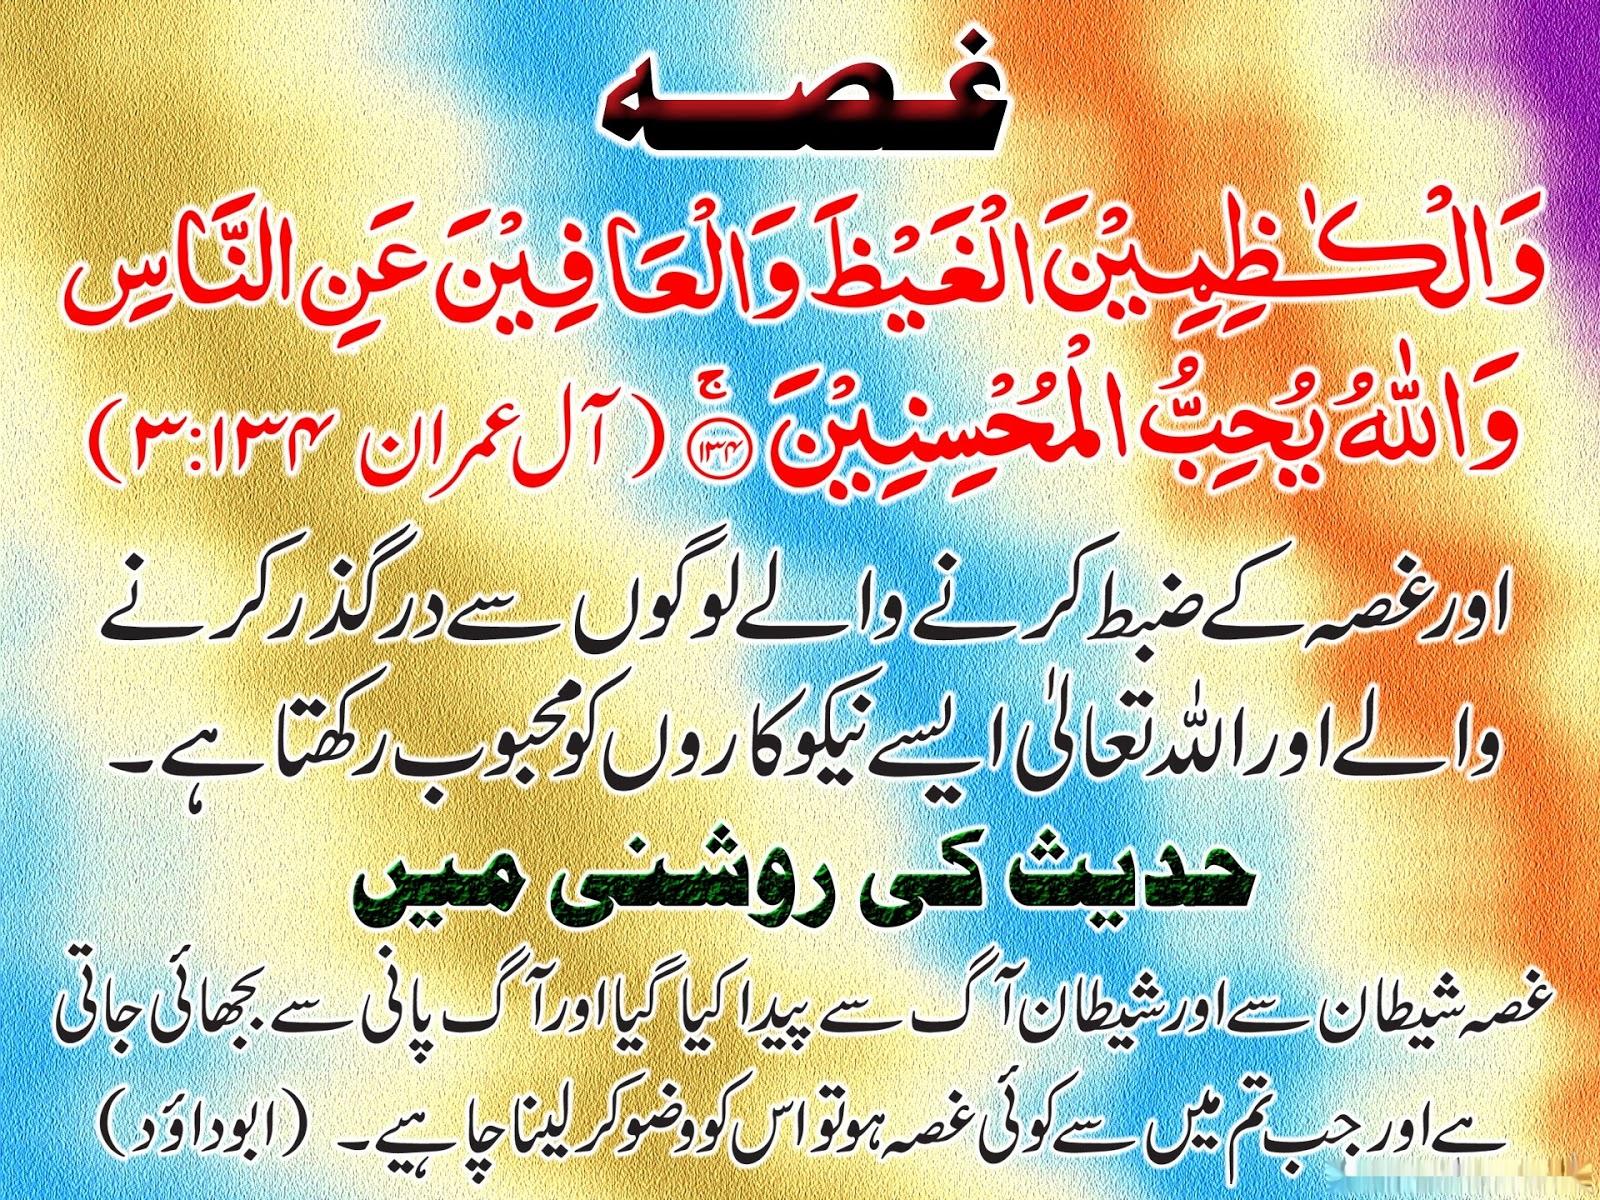 Qurani Ayat Wallpapers Wallpaper